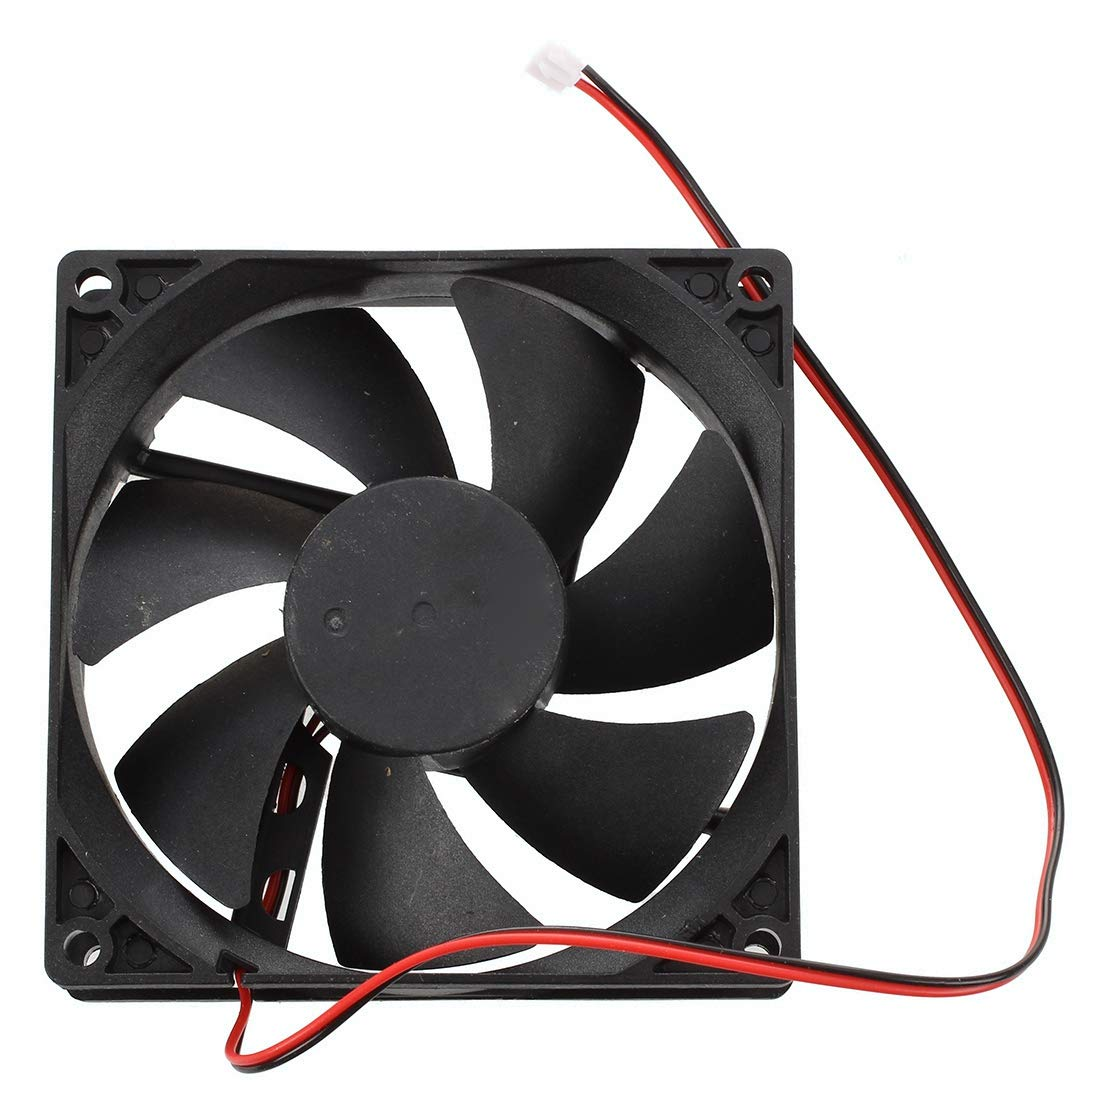 Gaoominy 90mm x 25mm DC 12V Ventilador de enfriamiento de 2 Pines para Caja de computador Enfriador de CPU